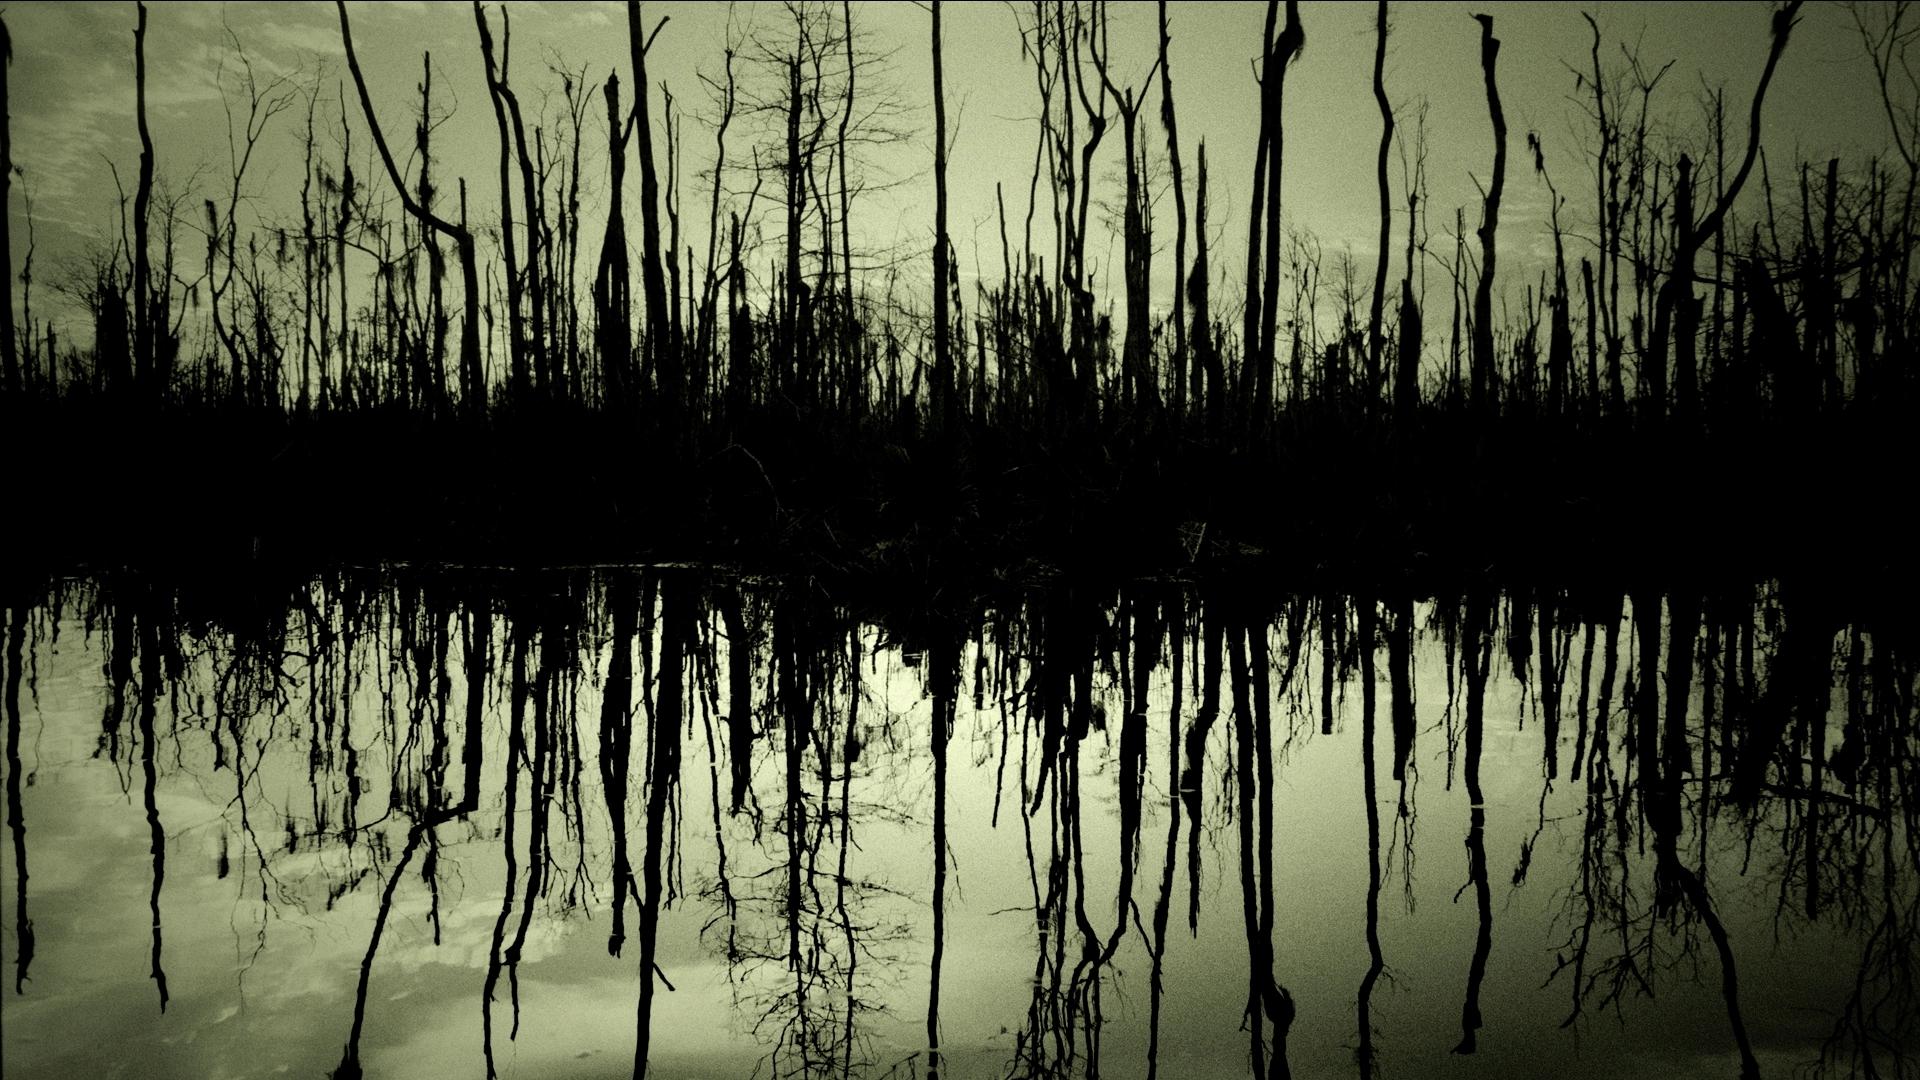 Louisiana Swamp Wallpaper - WallpaperSafari